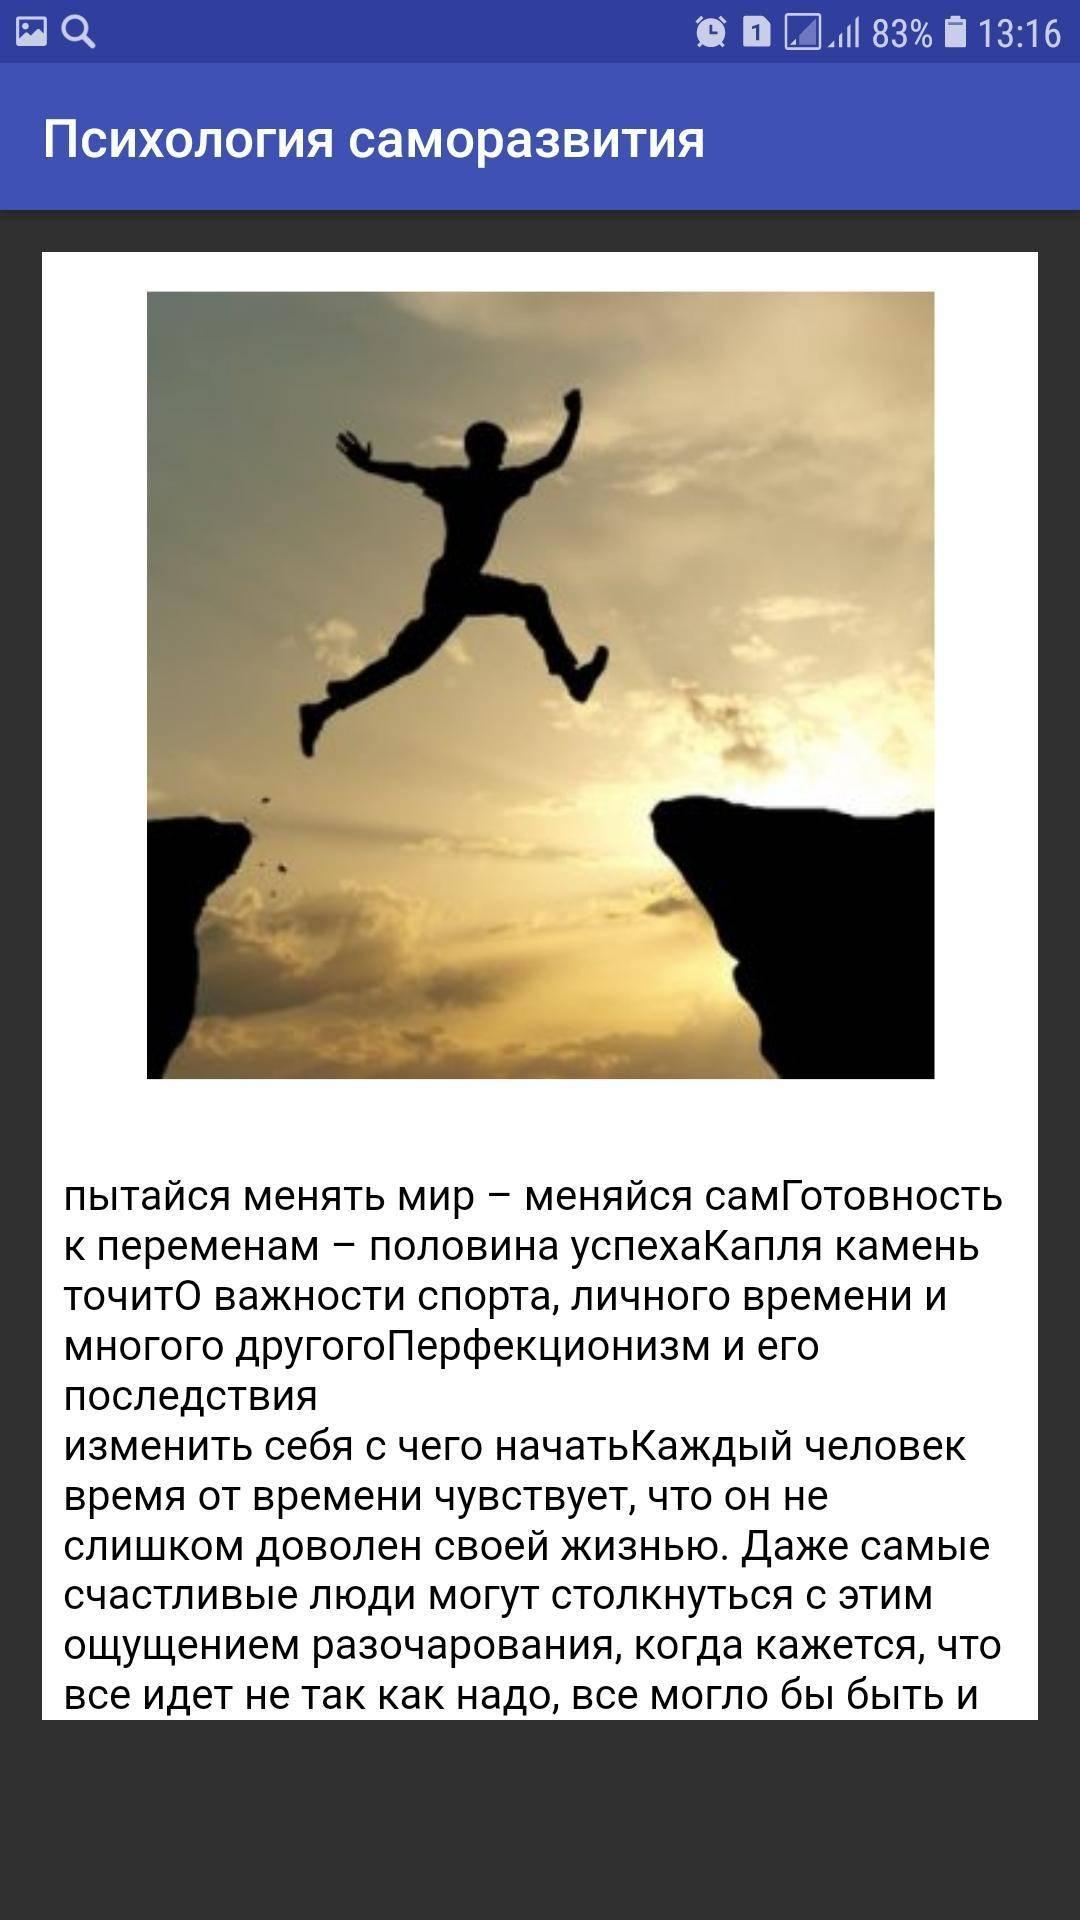 Психология отношений человека и его личности, психология рекламы, мужчин и женщин